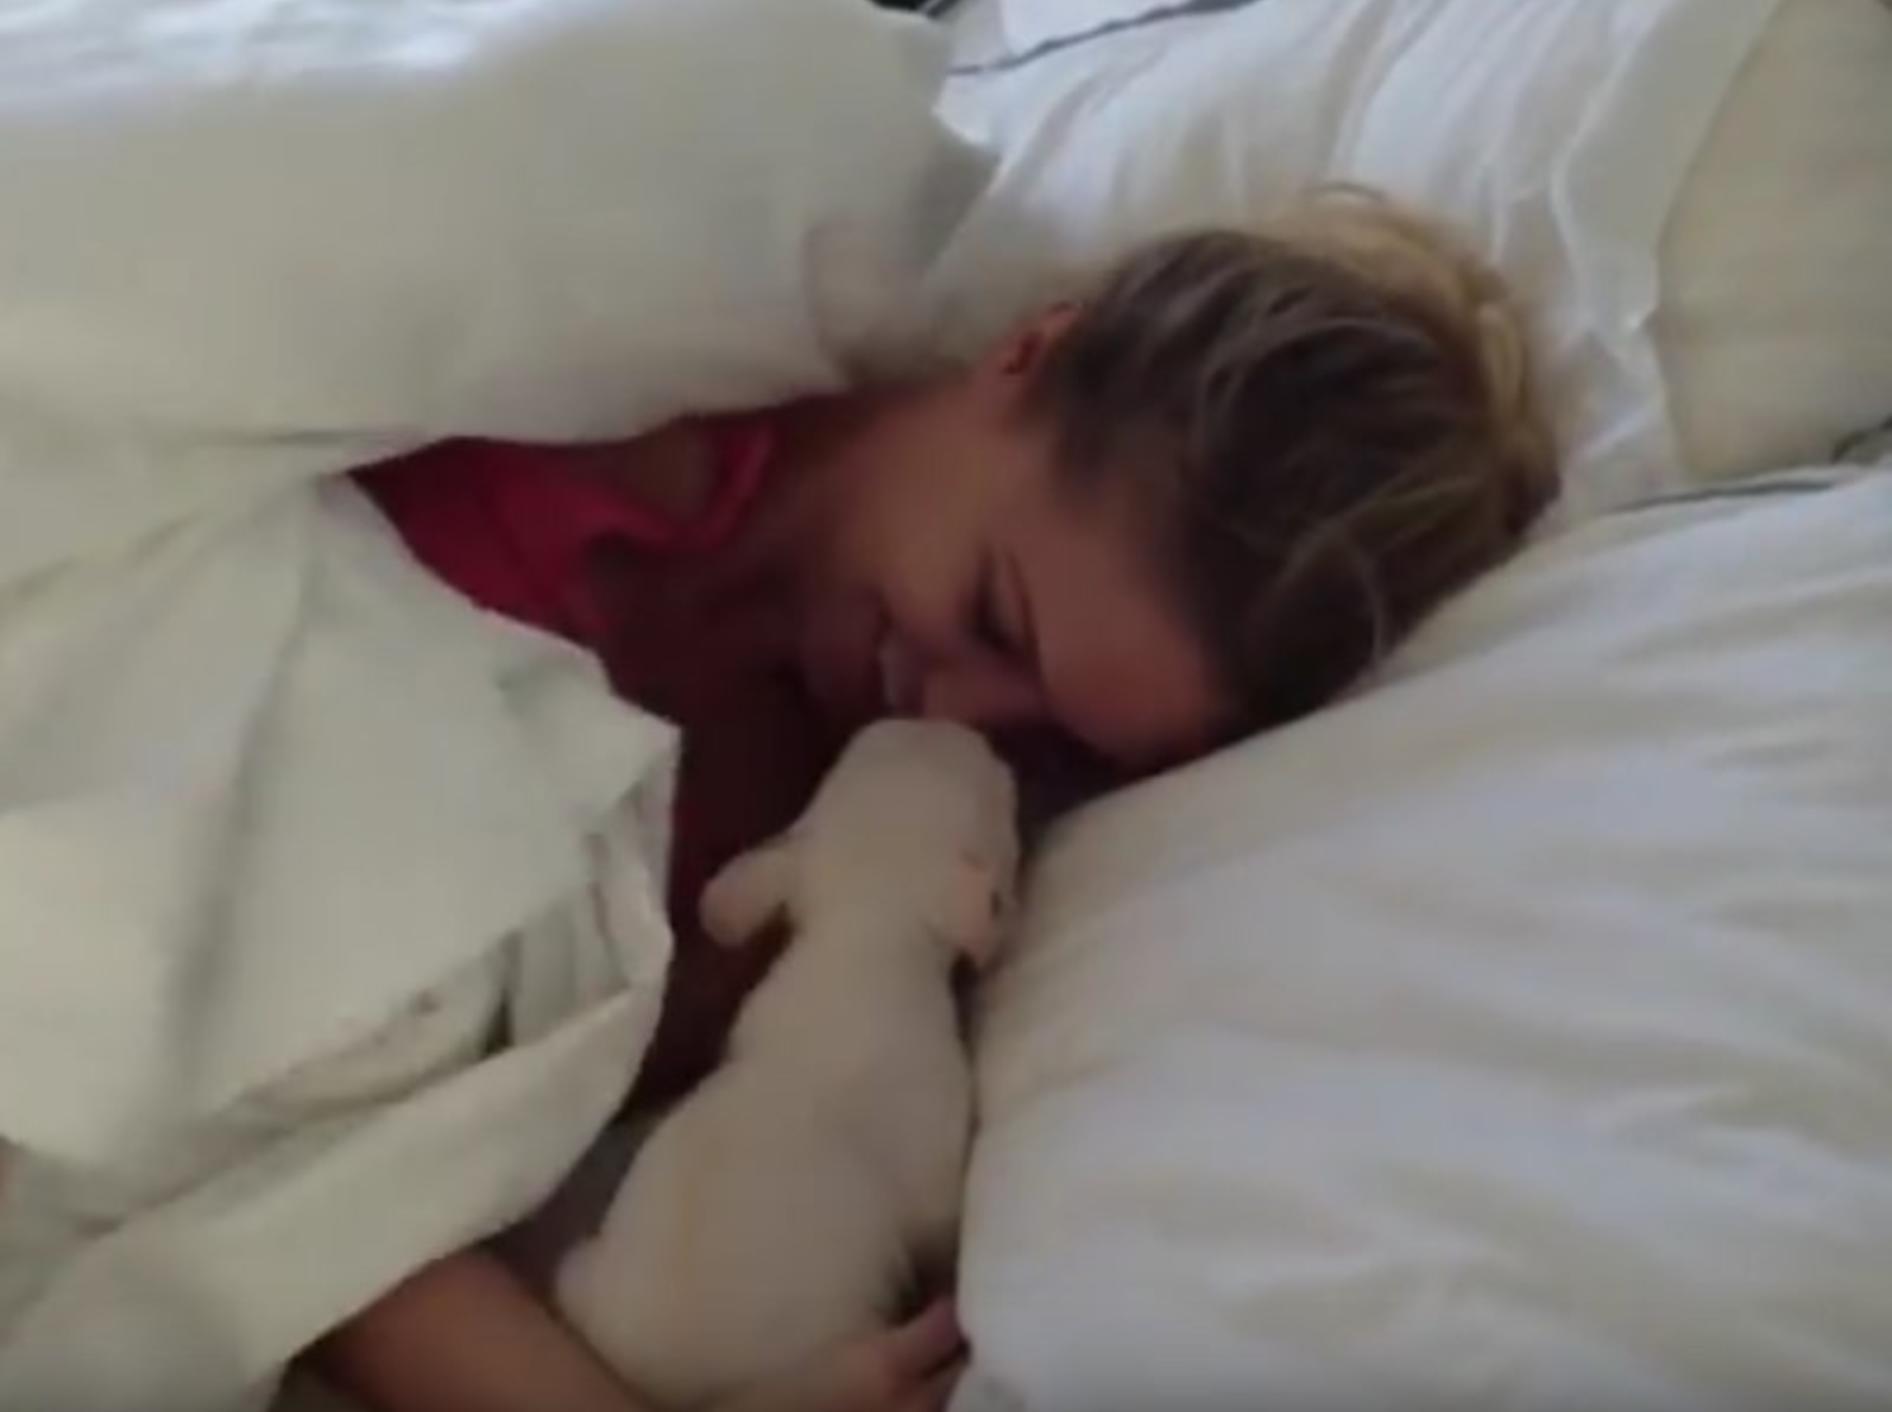 Was stubst mich denn da plötzlich aus den Schlaf? Mein neuer bester Freund! – YouTube / The Covino & Rich Show